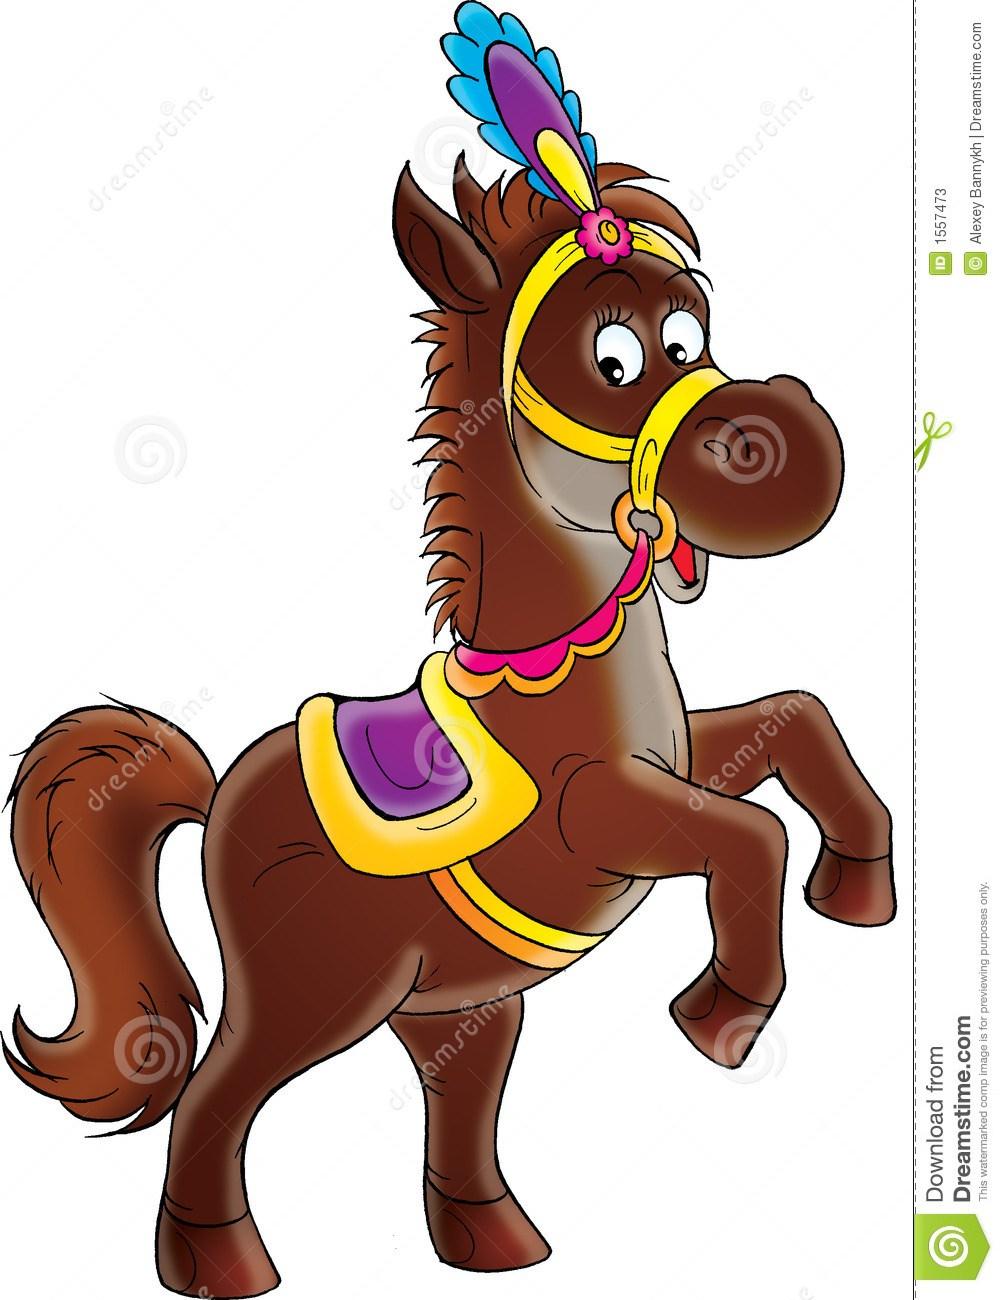 Circus horse clipart clip art Circus horse clipart 4 » Clipart Portal clip art